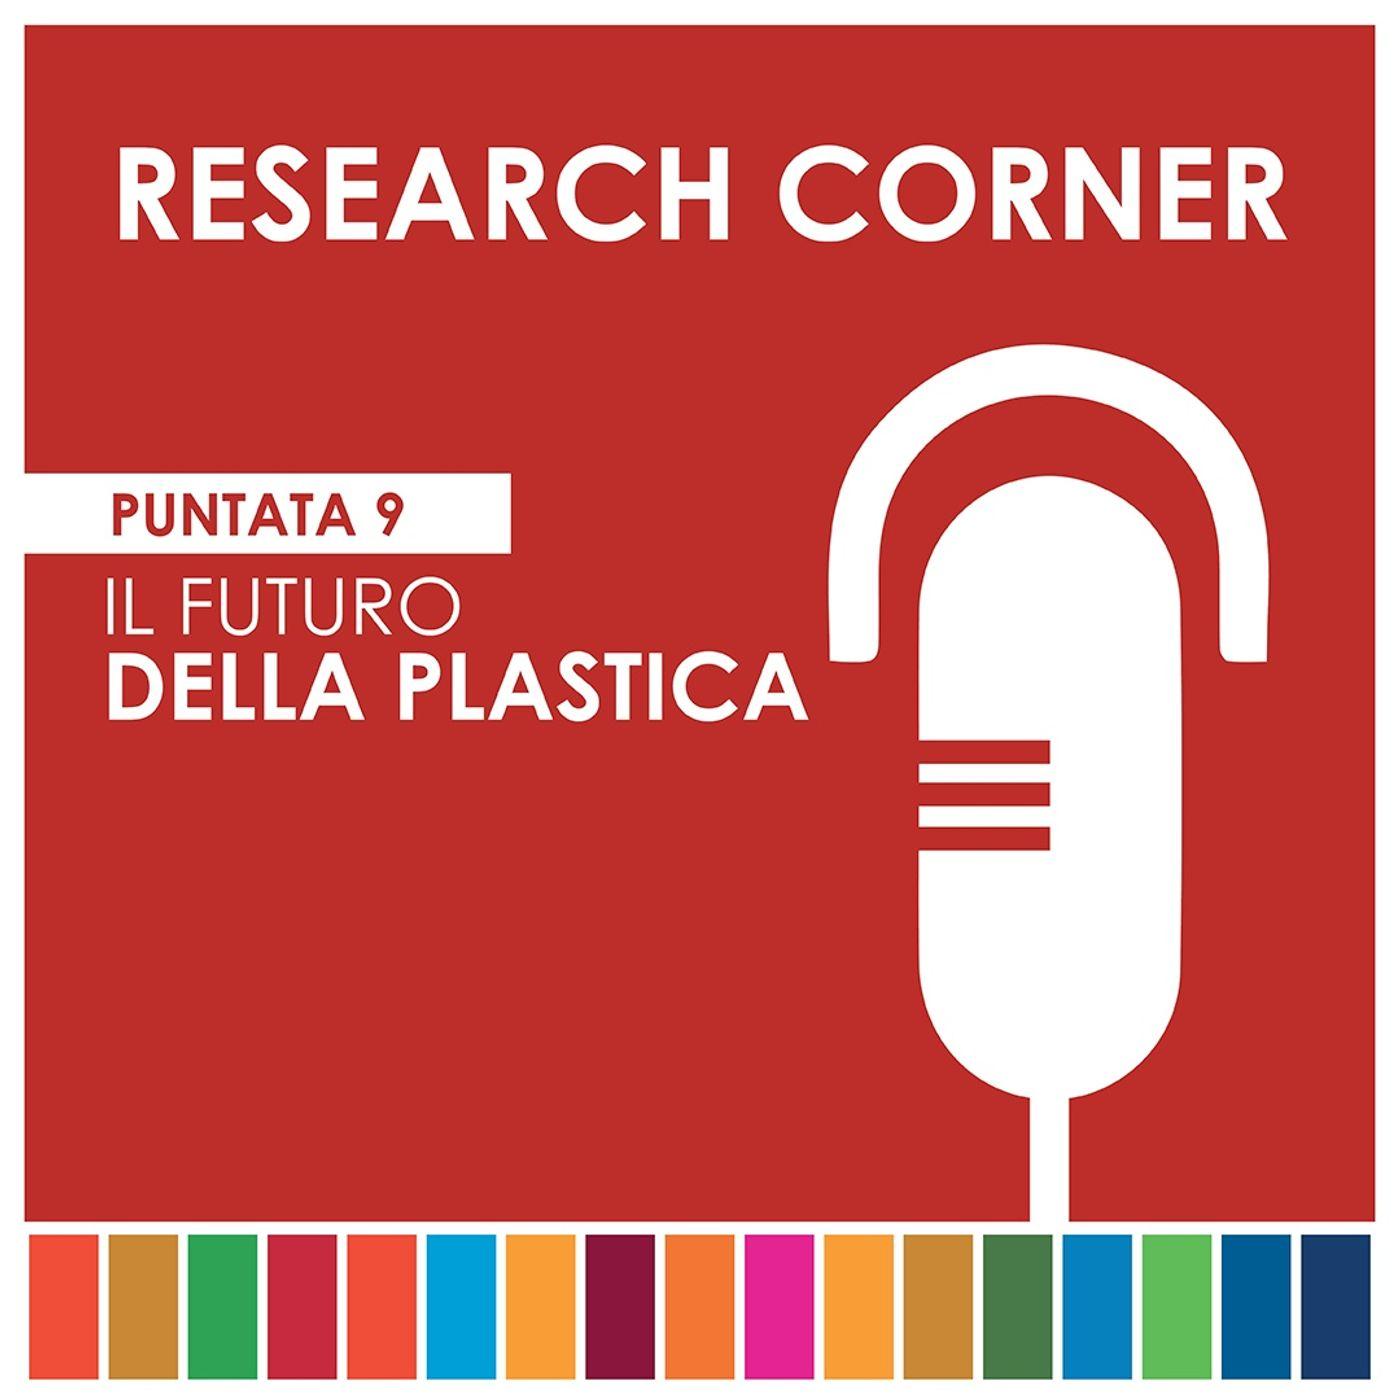 #9 - Il futuro della plastica